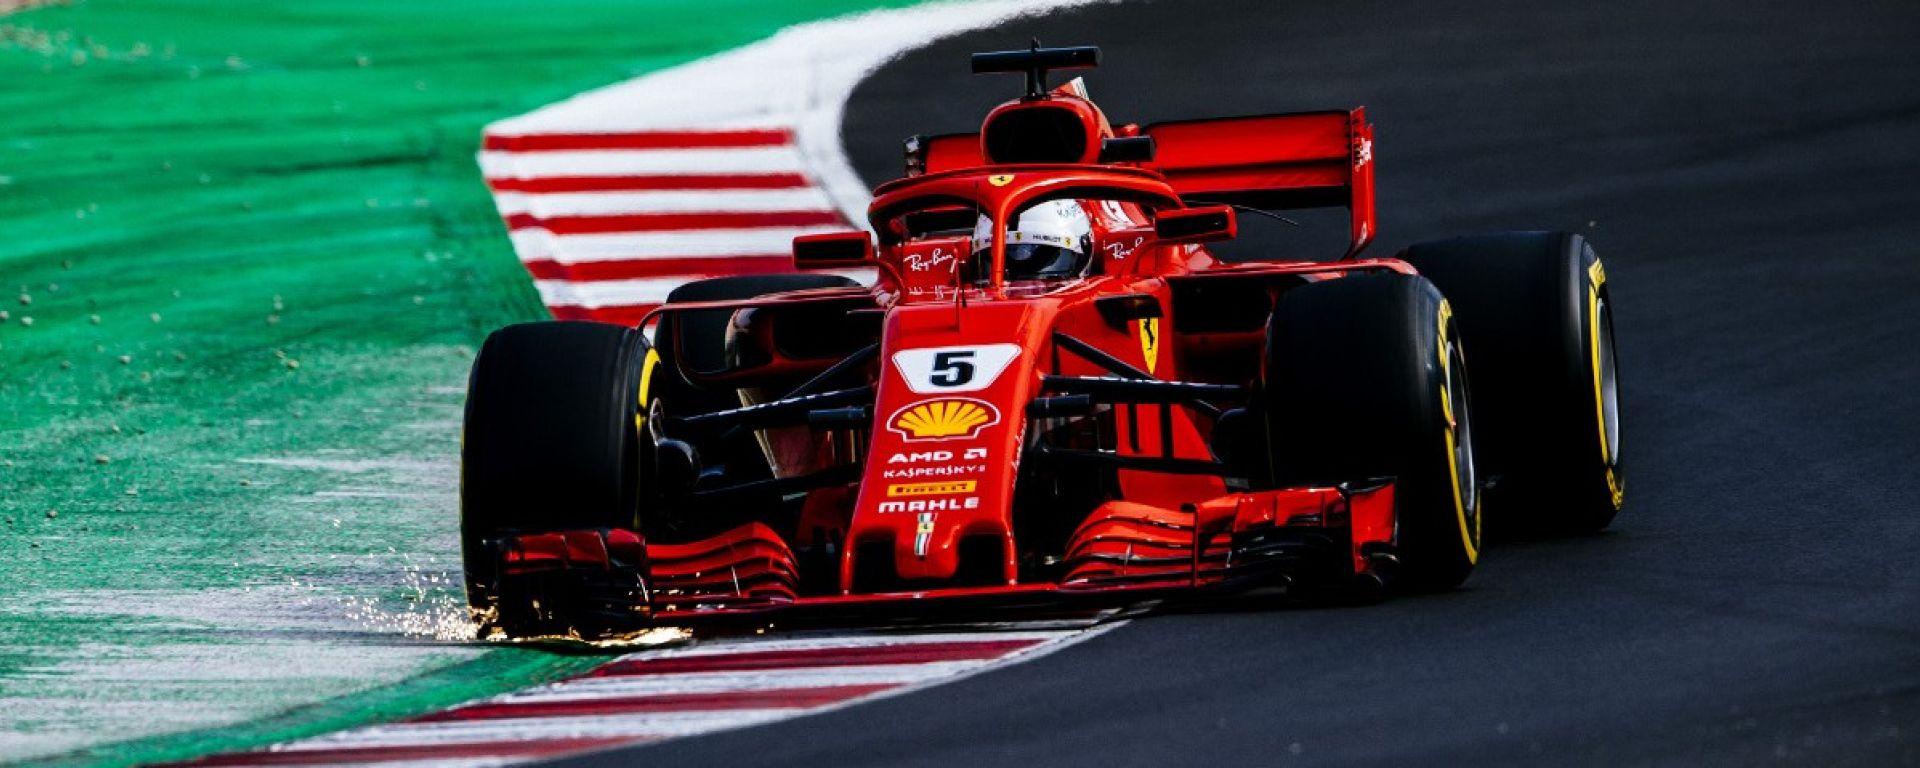 F1 2018, Test Barcellona: tutte le foto della Ferrari SF71H - MotorBox